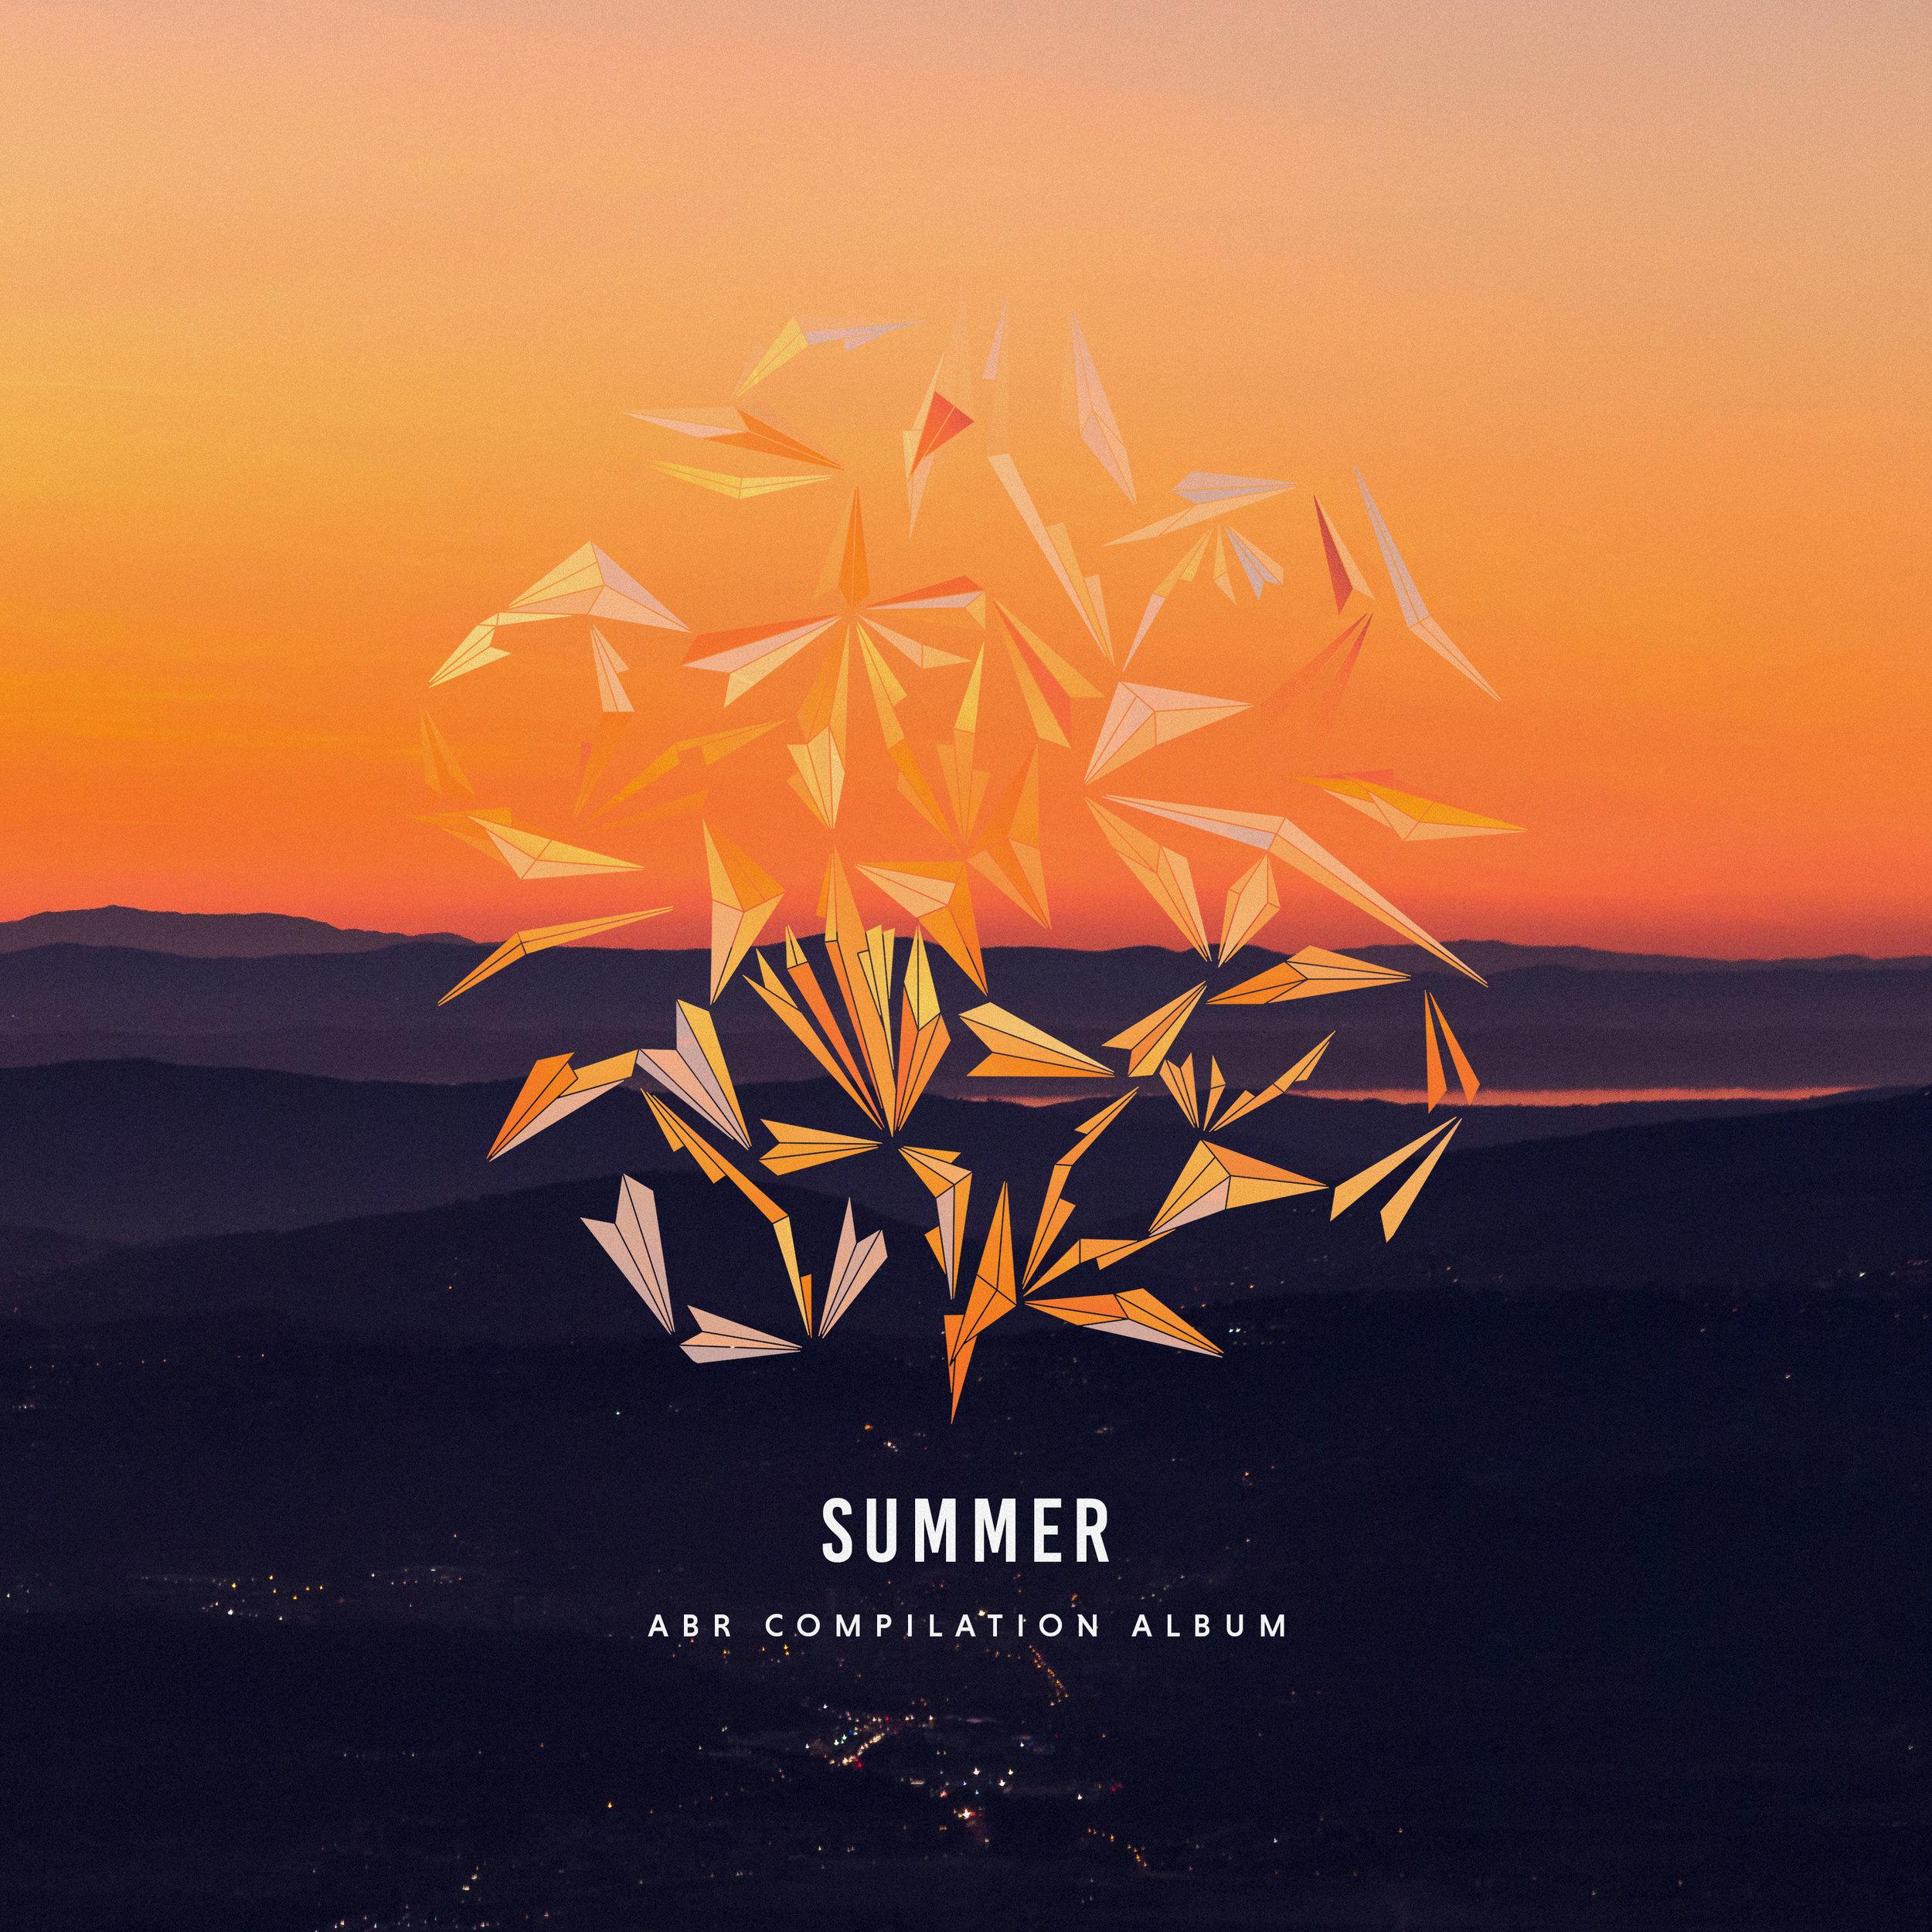 Summer Digital.jpg